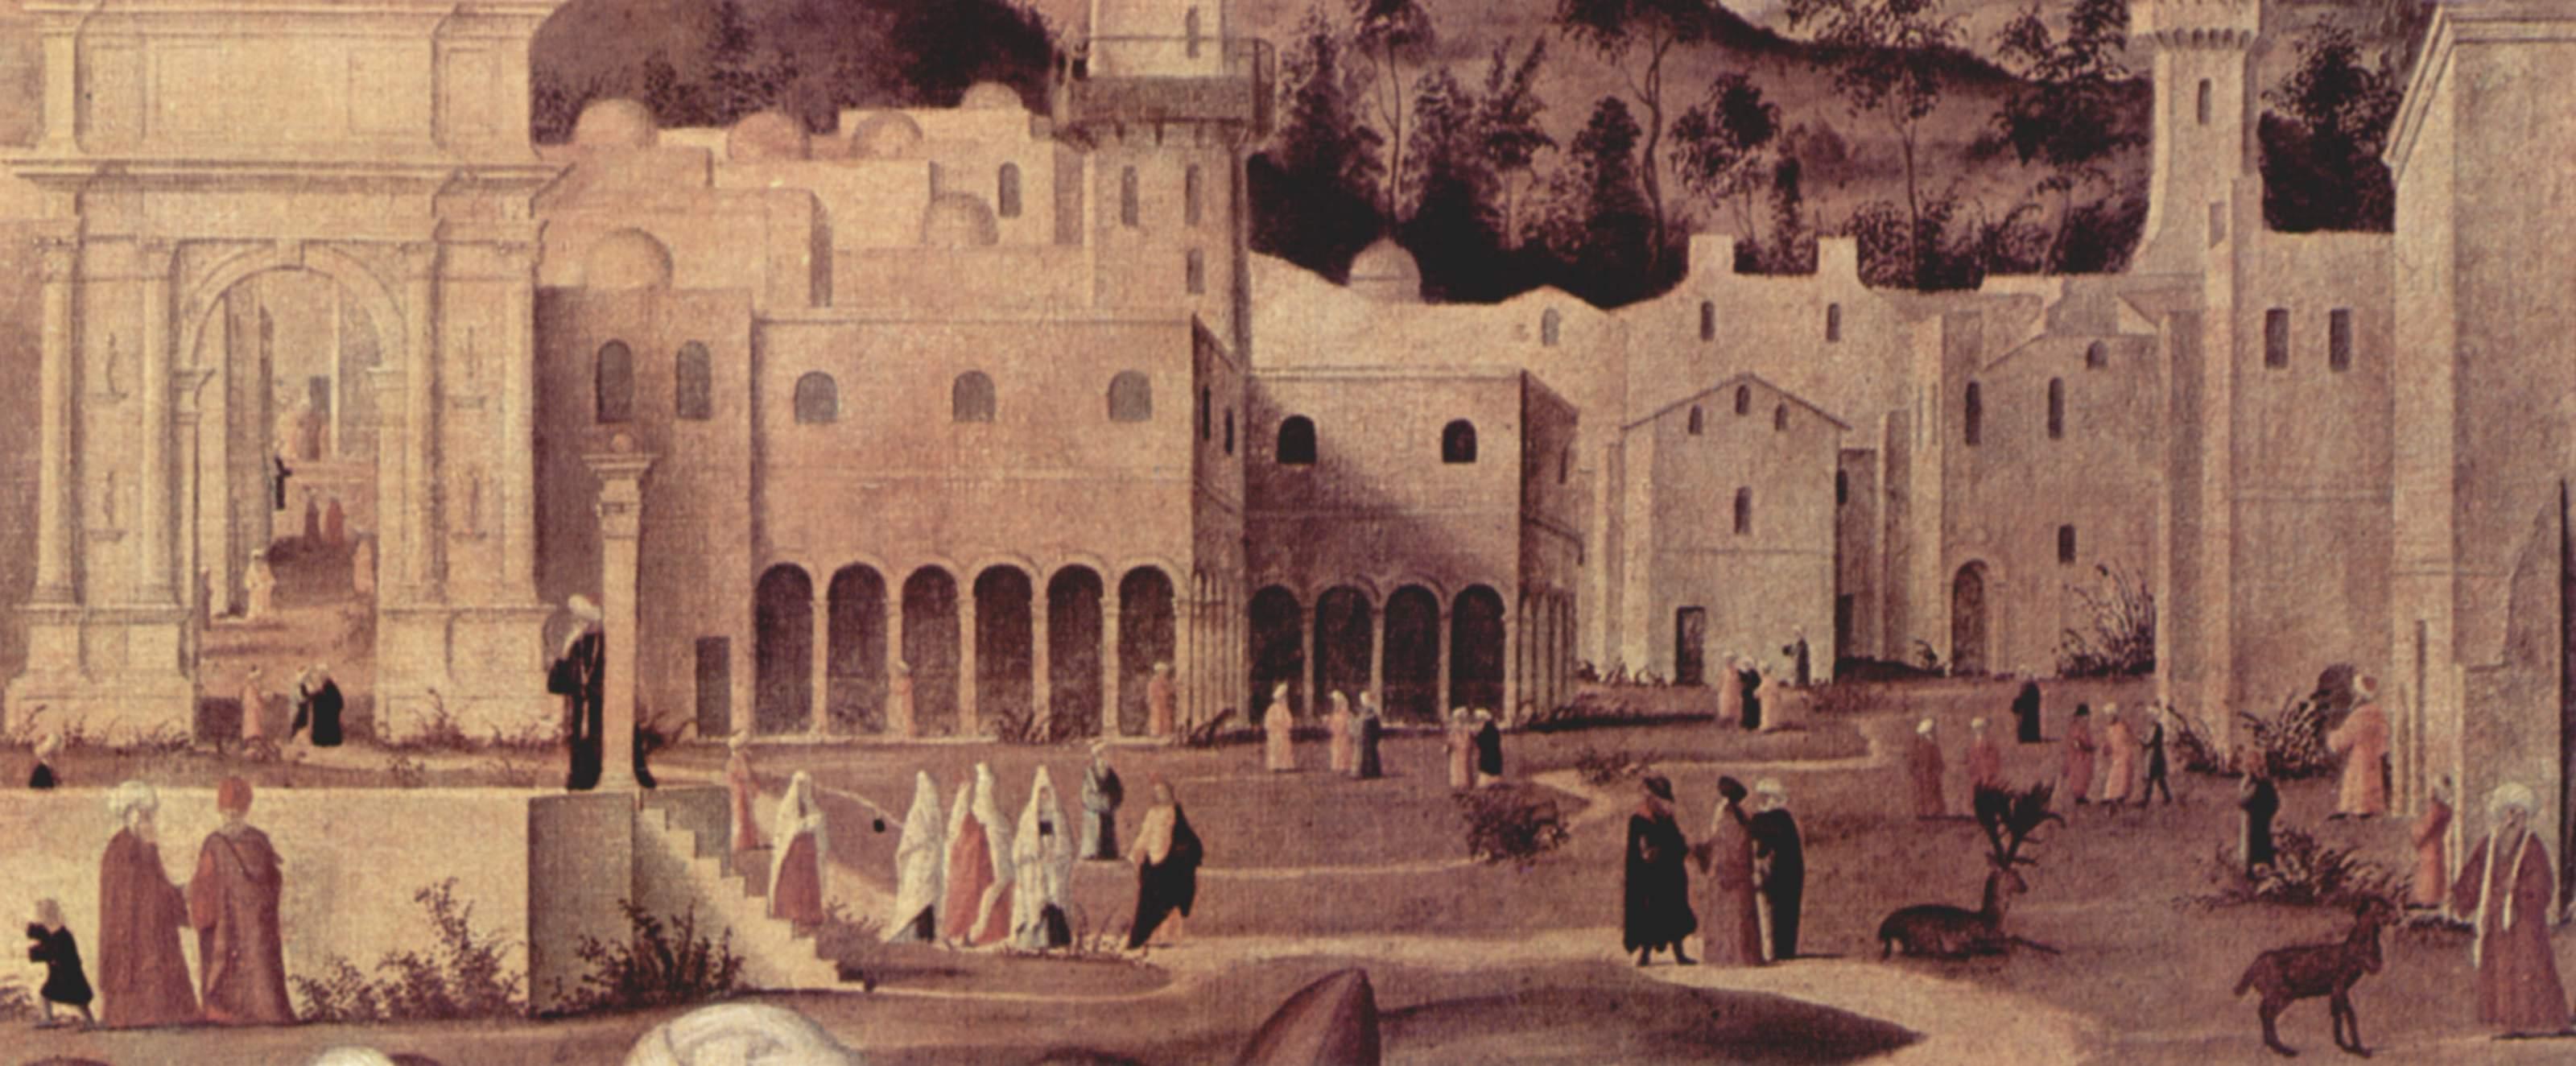 Цикл картин к житию св. Стефана, проповедь св. Стефана перед воротами Иерусалима. Деталь, Витторе Карпаччо